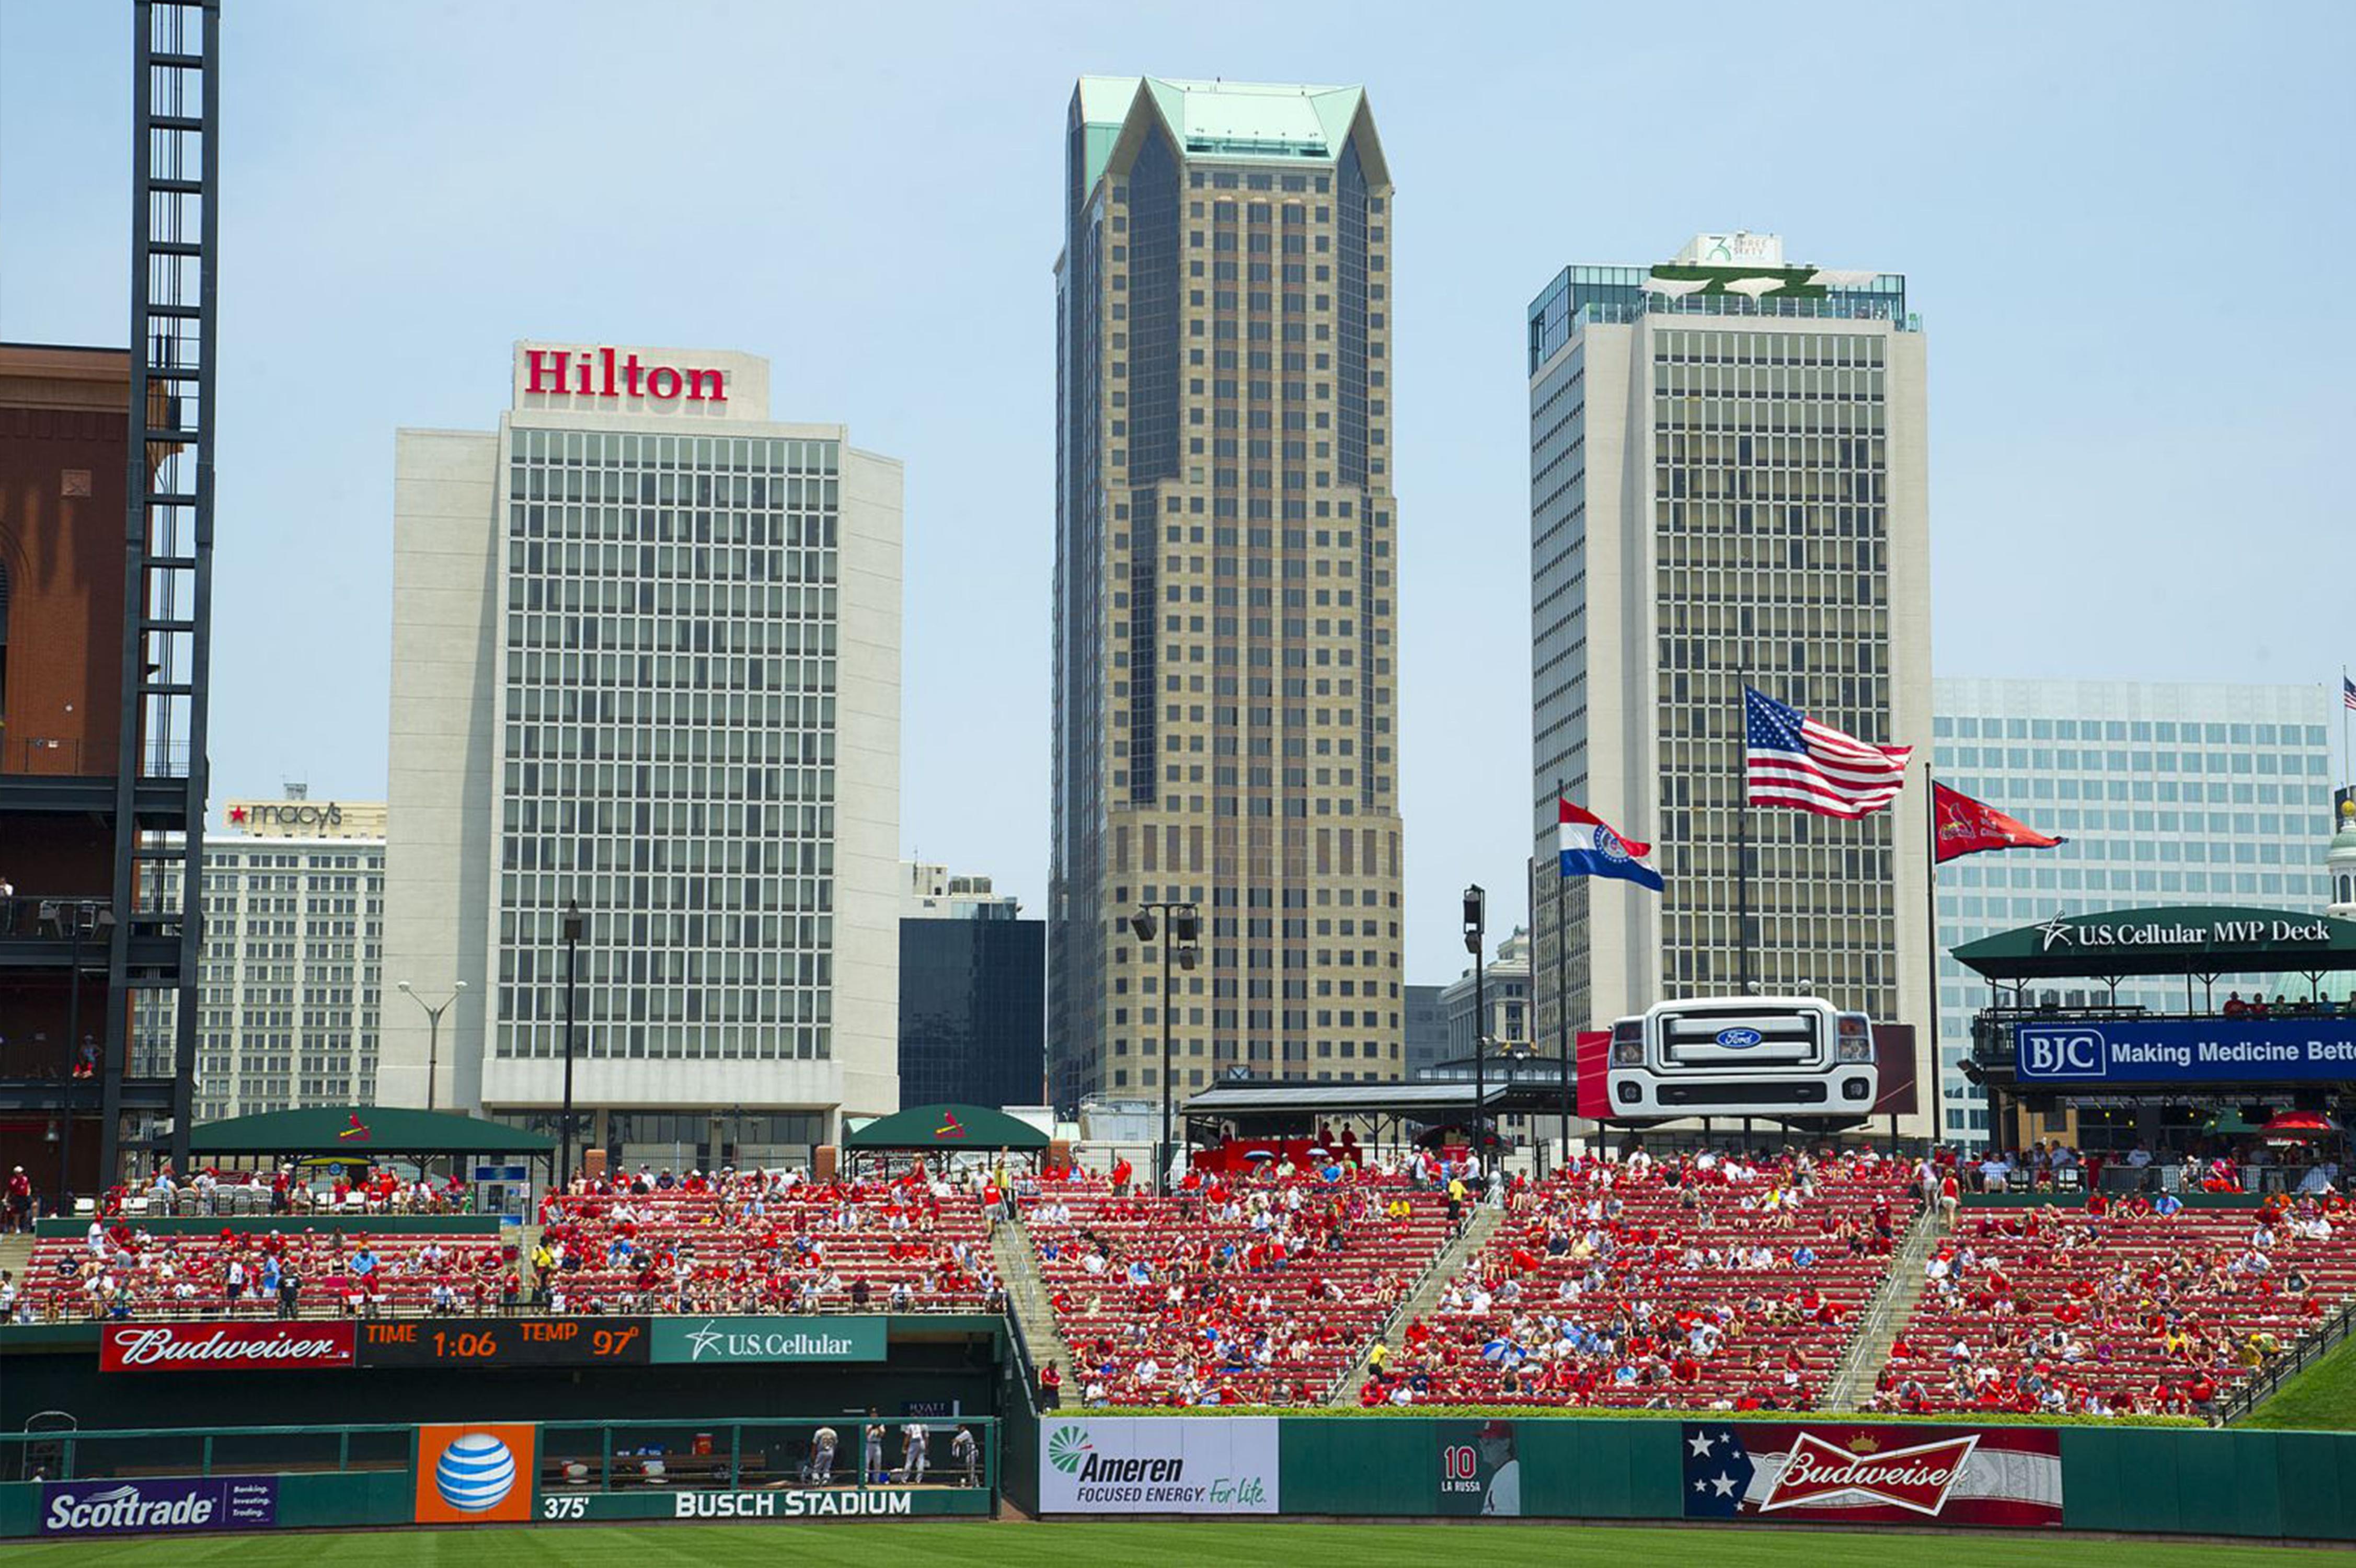 Hilton at the Ballpark